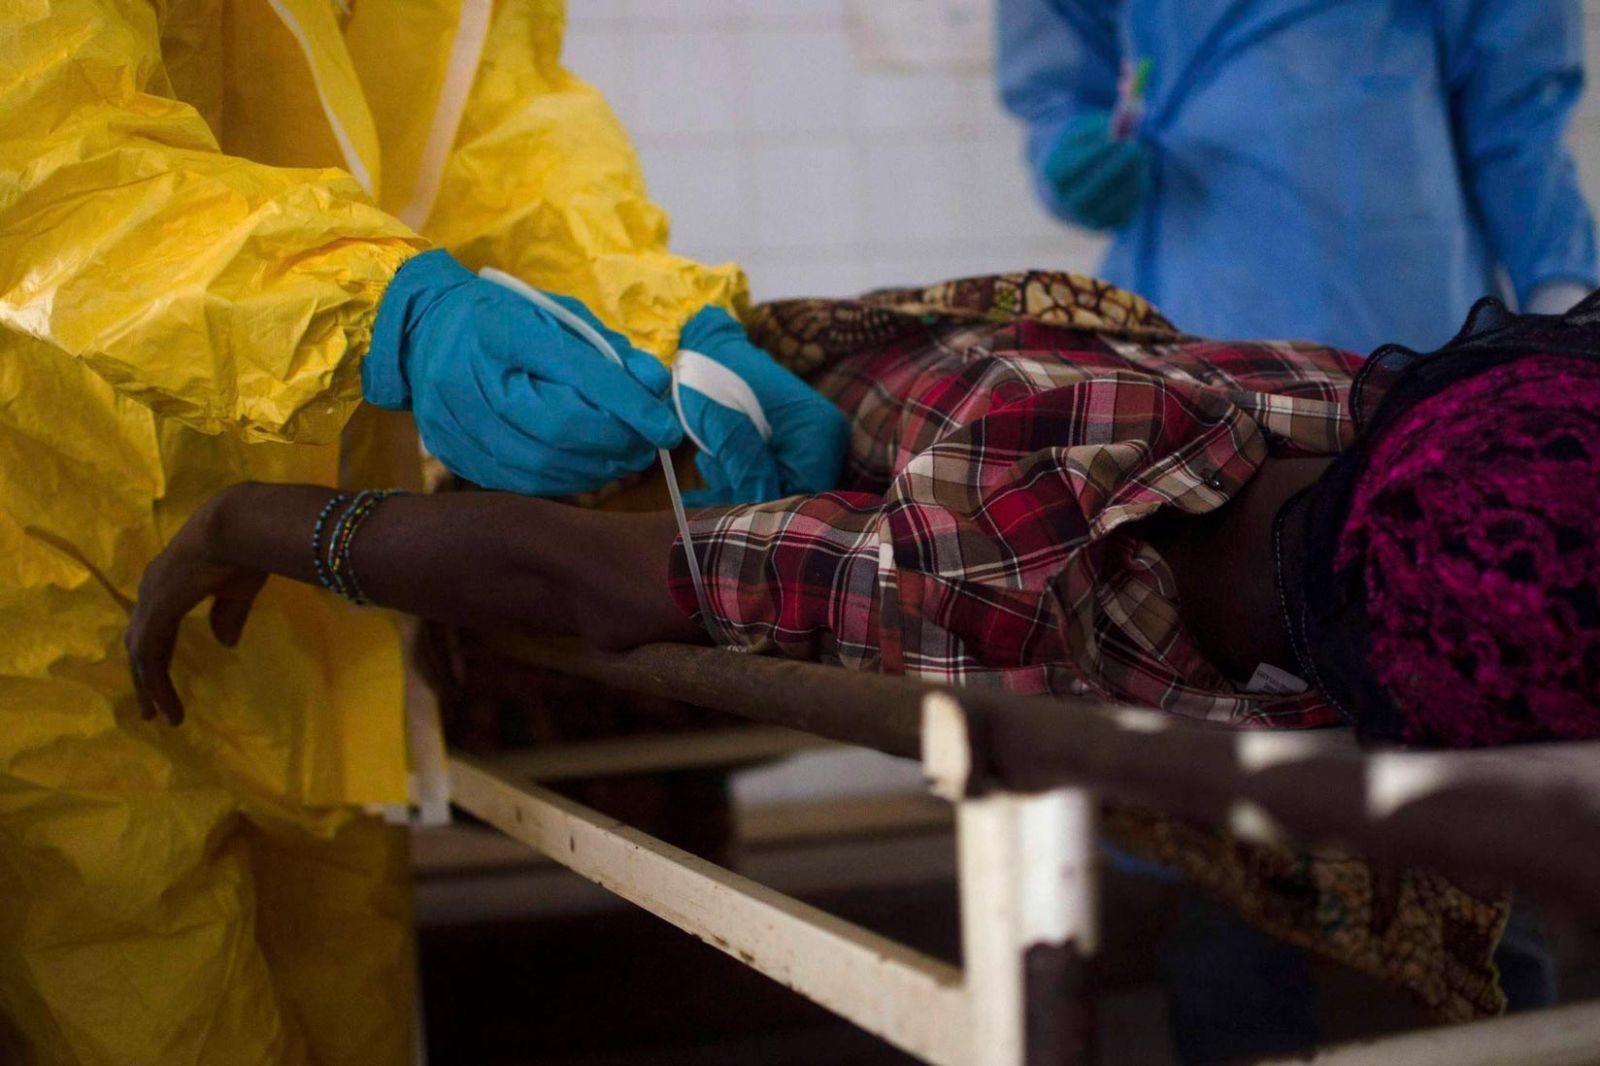 Вирус эбола - симптомы и лечение. причины возникновения и способы заражения геморрагической лихорадкой эбола